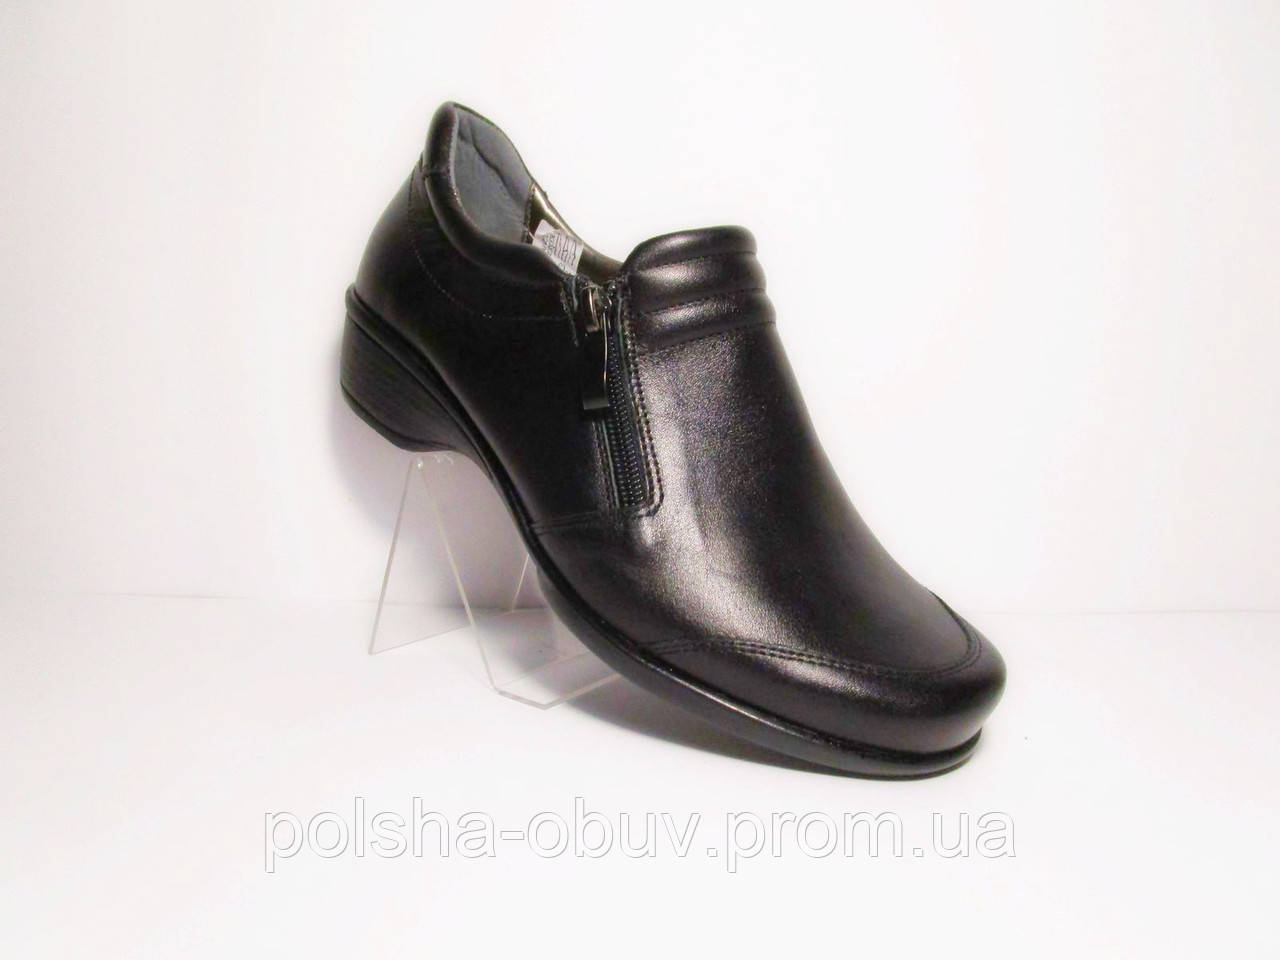 Туфли женские из натуральной кожи производство польша Goral  продажа ... c9c7cd1c0935f